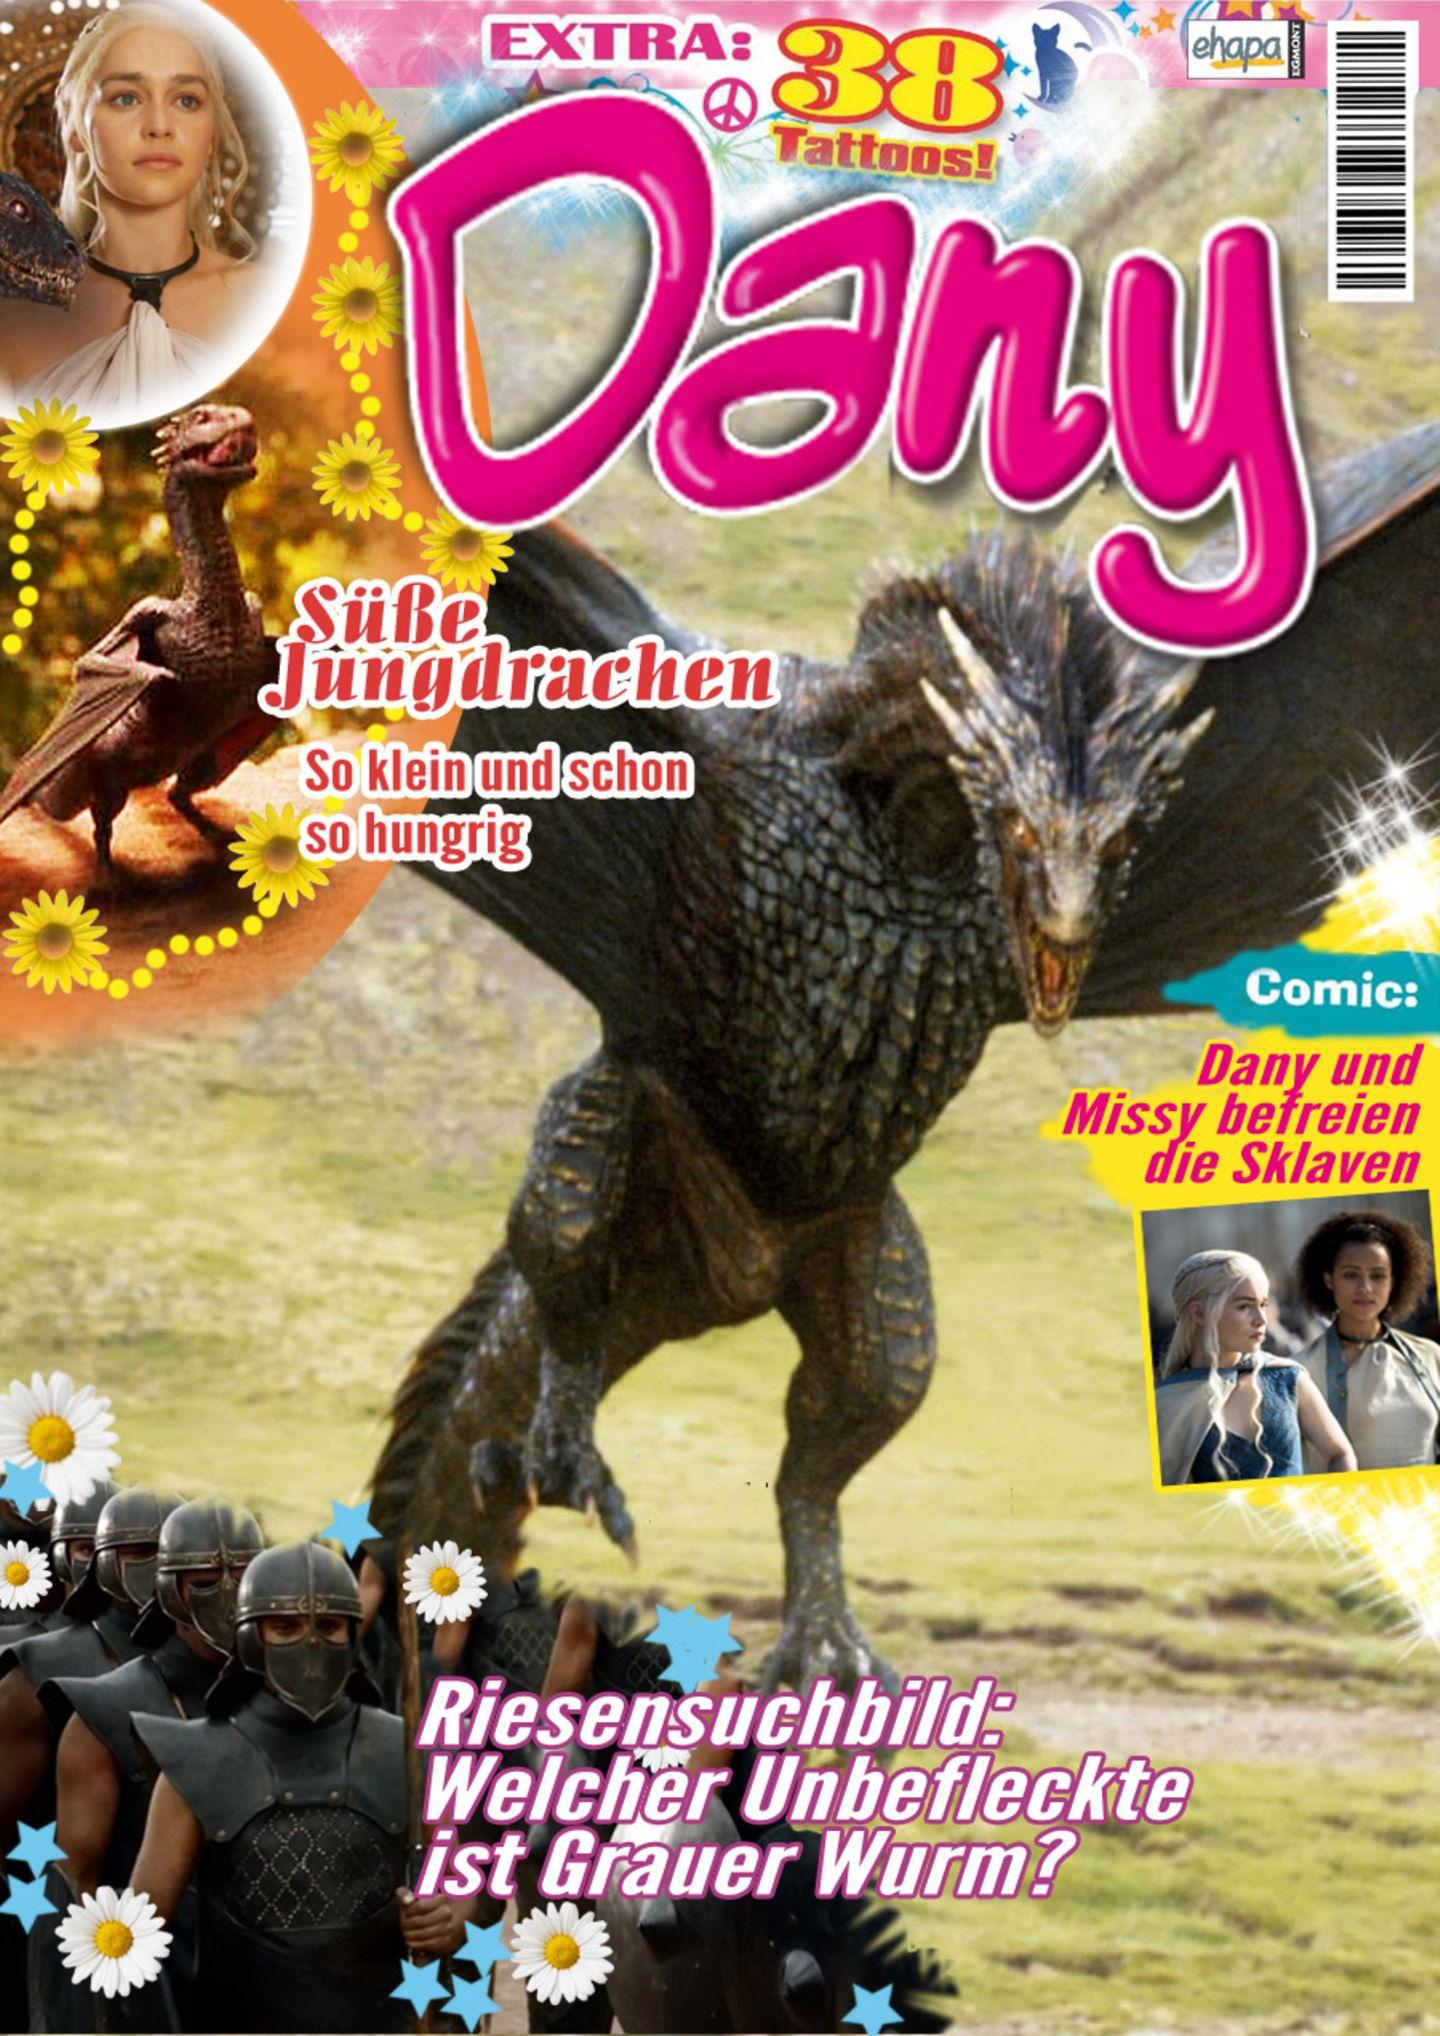 Ponyhof-Geschichten? Nein, Khaleesi möchte bitteschön eine etwas passendere Zeitschrift haben. Die holt ihr bestimmt Ser Jorah Mormont alle zwei Wochen vom Kiosk und hofft, dass diese Geste endlich punktet.